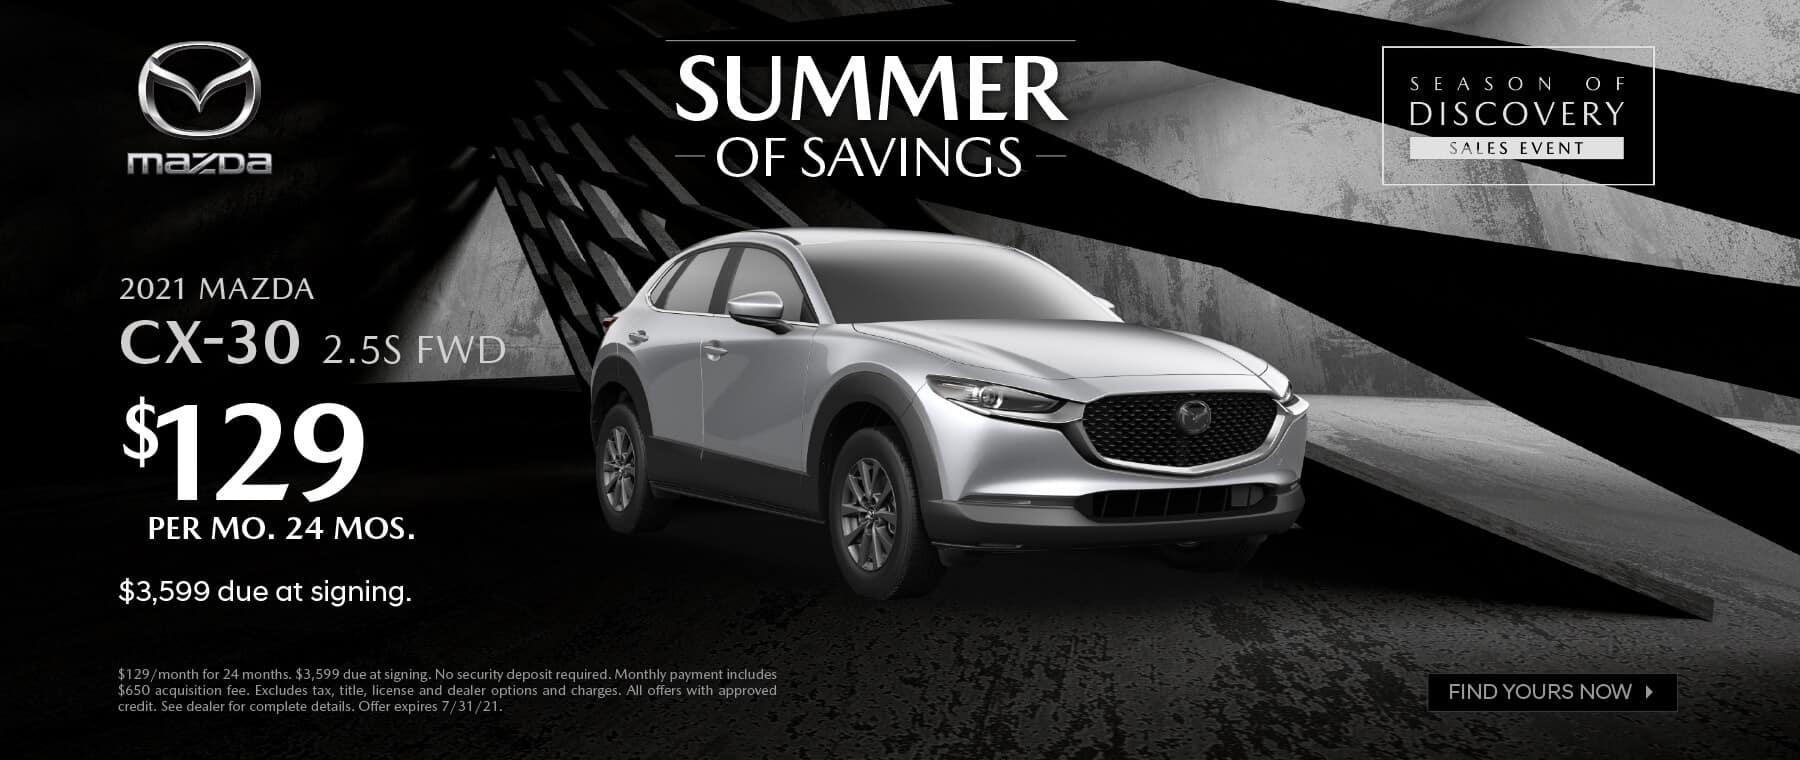 2021.05.26-Keffer-Mazda-JUNE_JULY-Web-Banners-S52475vw-5